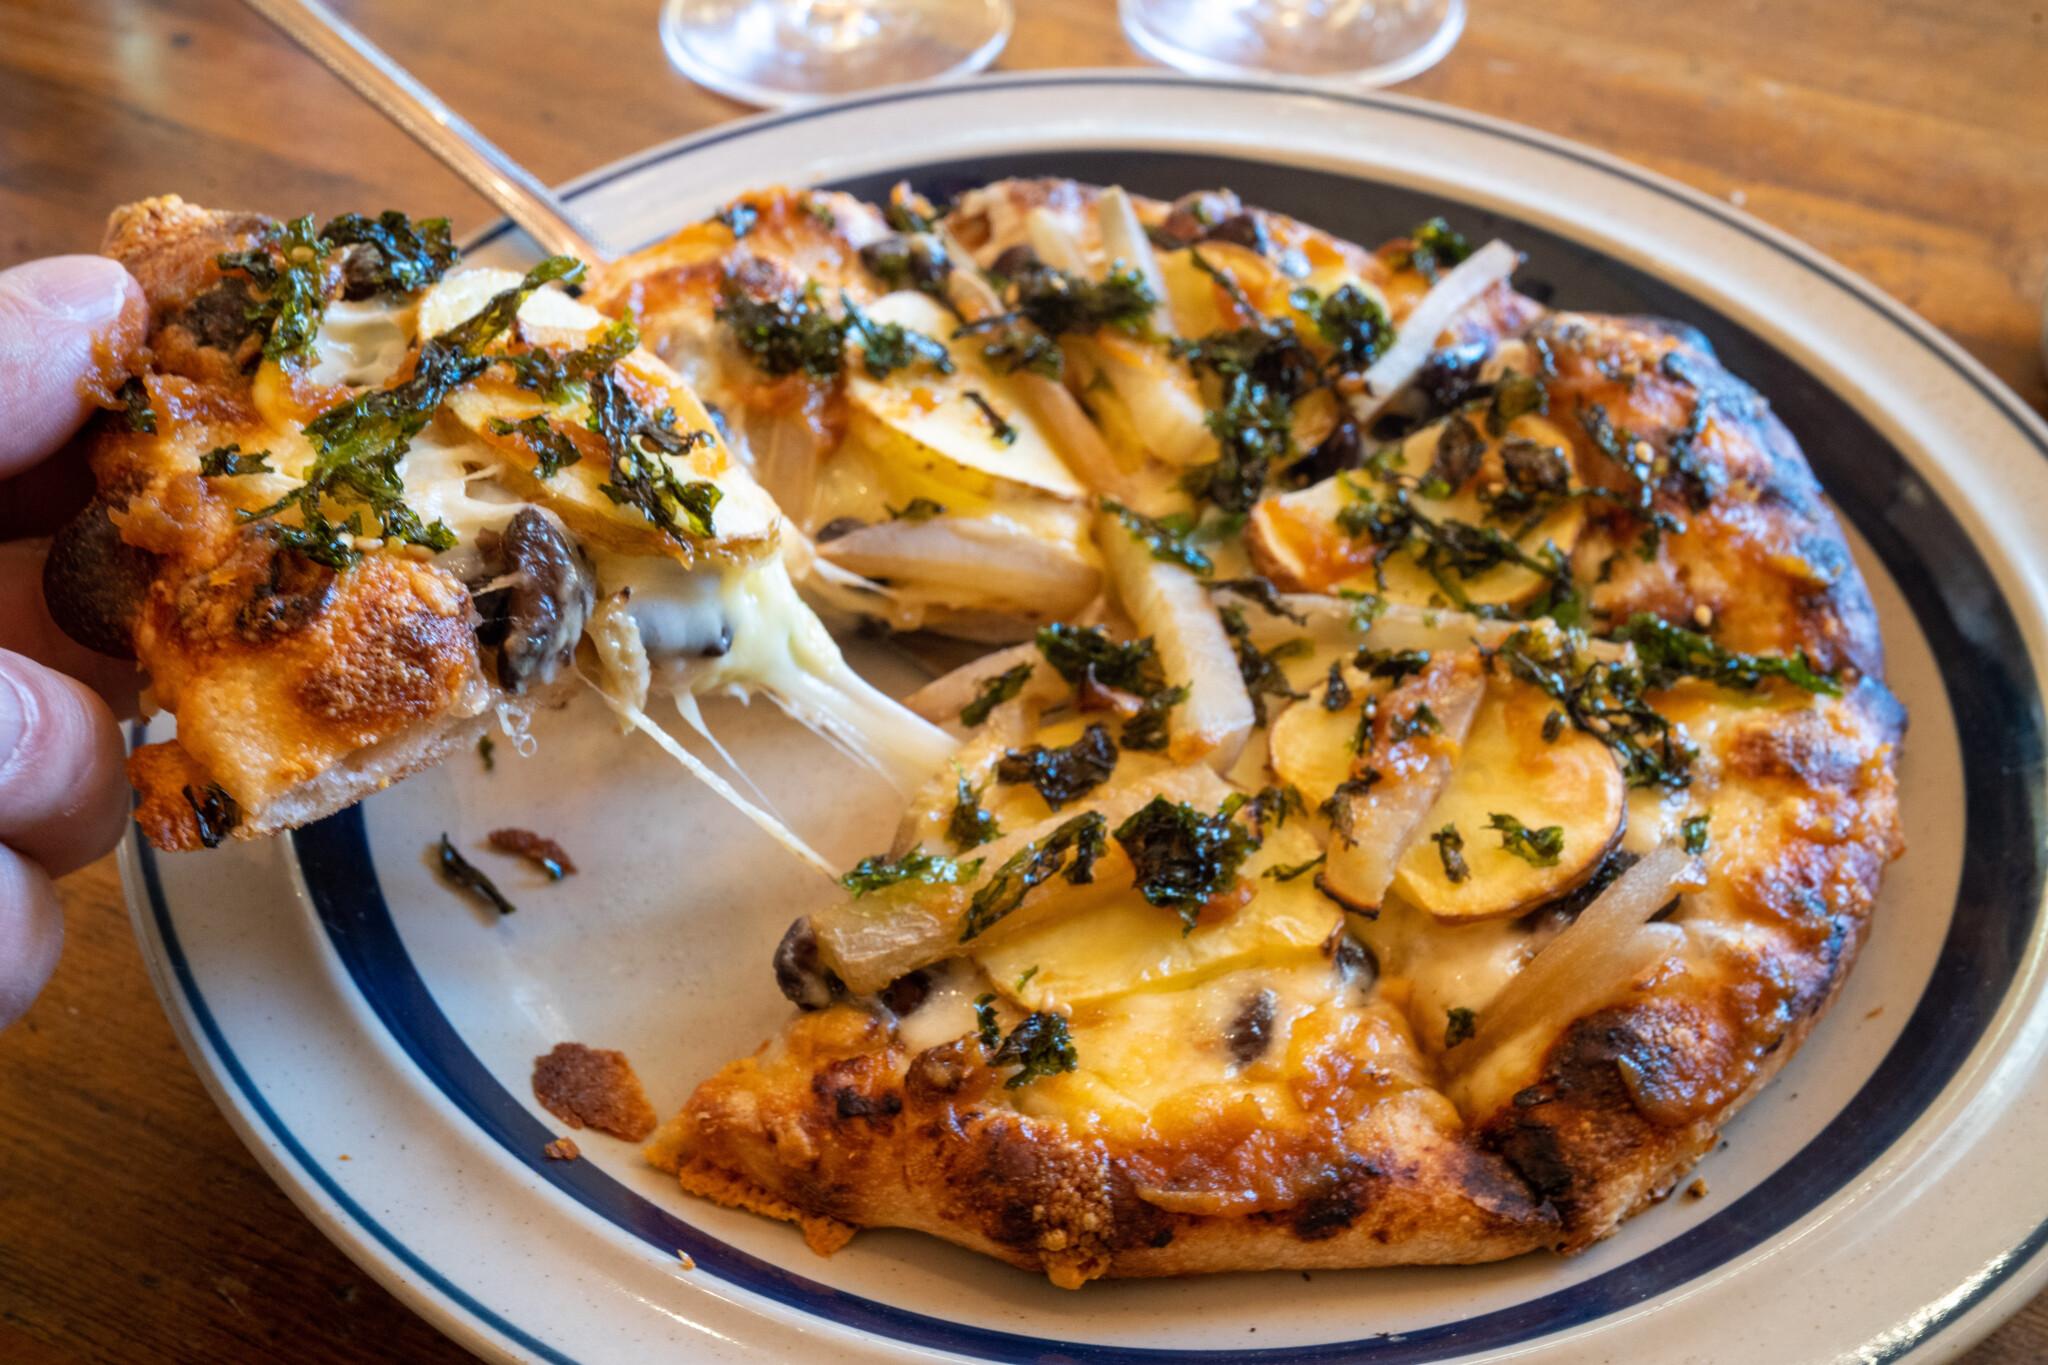 【長野】人口8000人の街にできたベーカリー〈望月のパンと,ピザ家 the OK bread & pizza〉。